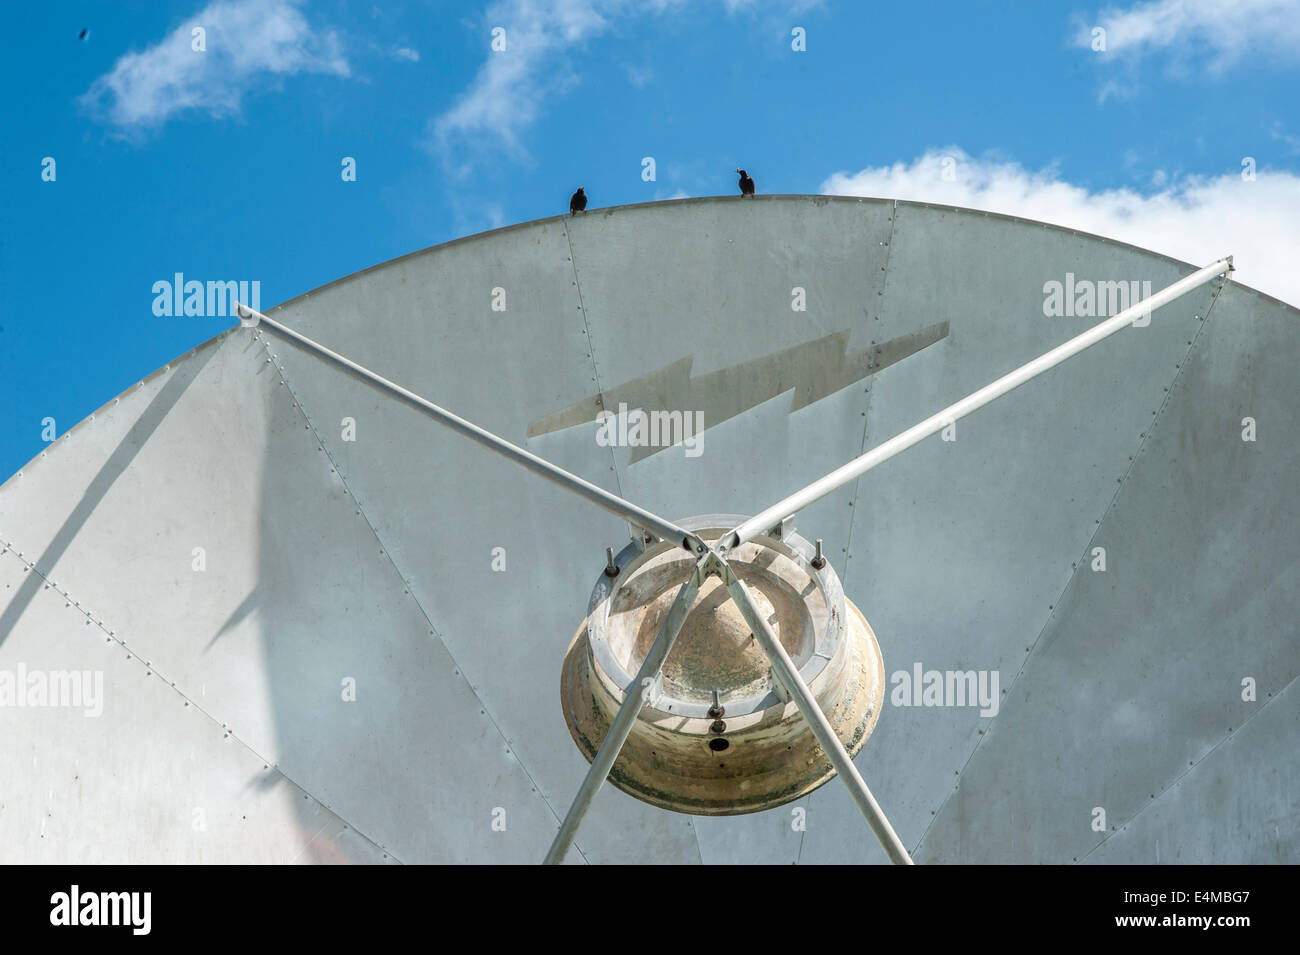 Au sommet d'oiseaux récepteur satellite dish Photo Stock